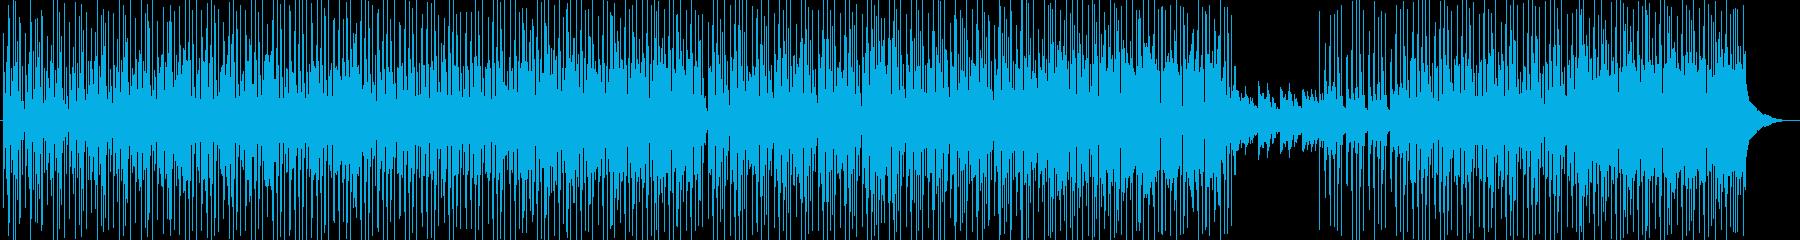 R&Bヒップホップ メロウで切ない夏の再生済みの波形